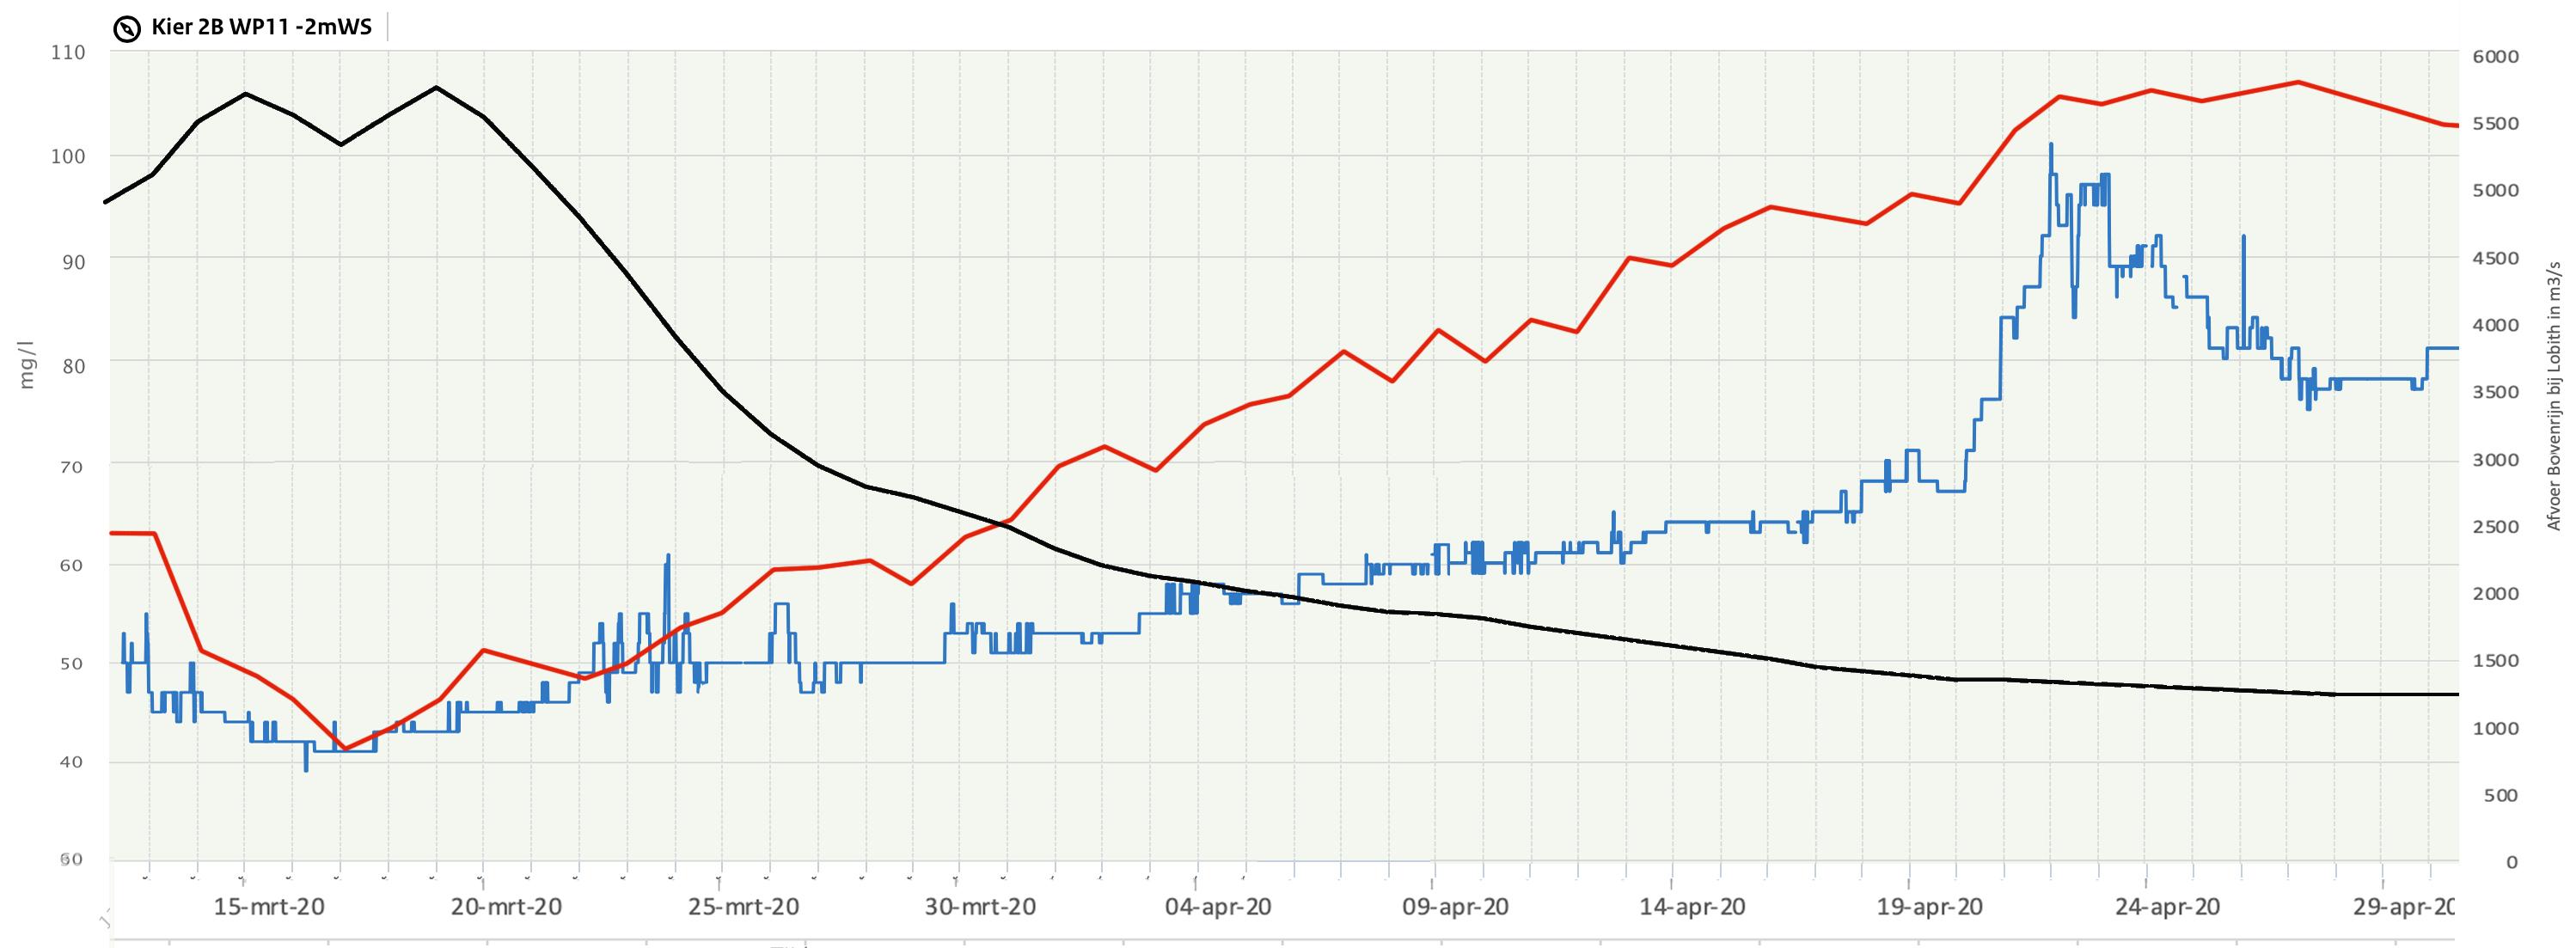 Verloop van het zoutgehalte (blauwe lijn) op het meetpunt Kier 2 in het Haringvliet. De rode lijn is het zoutgehalte van het Rijnwater zelf en de zwarte lijn geeft de Rijnafvoer weer in m3/s.